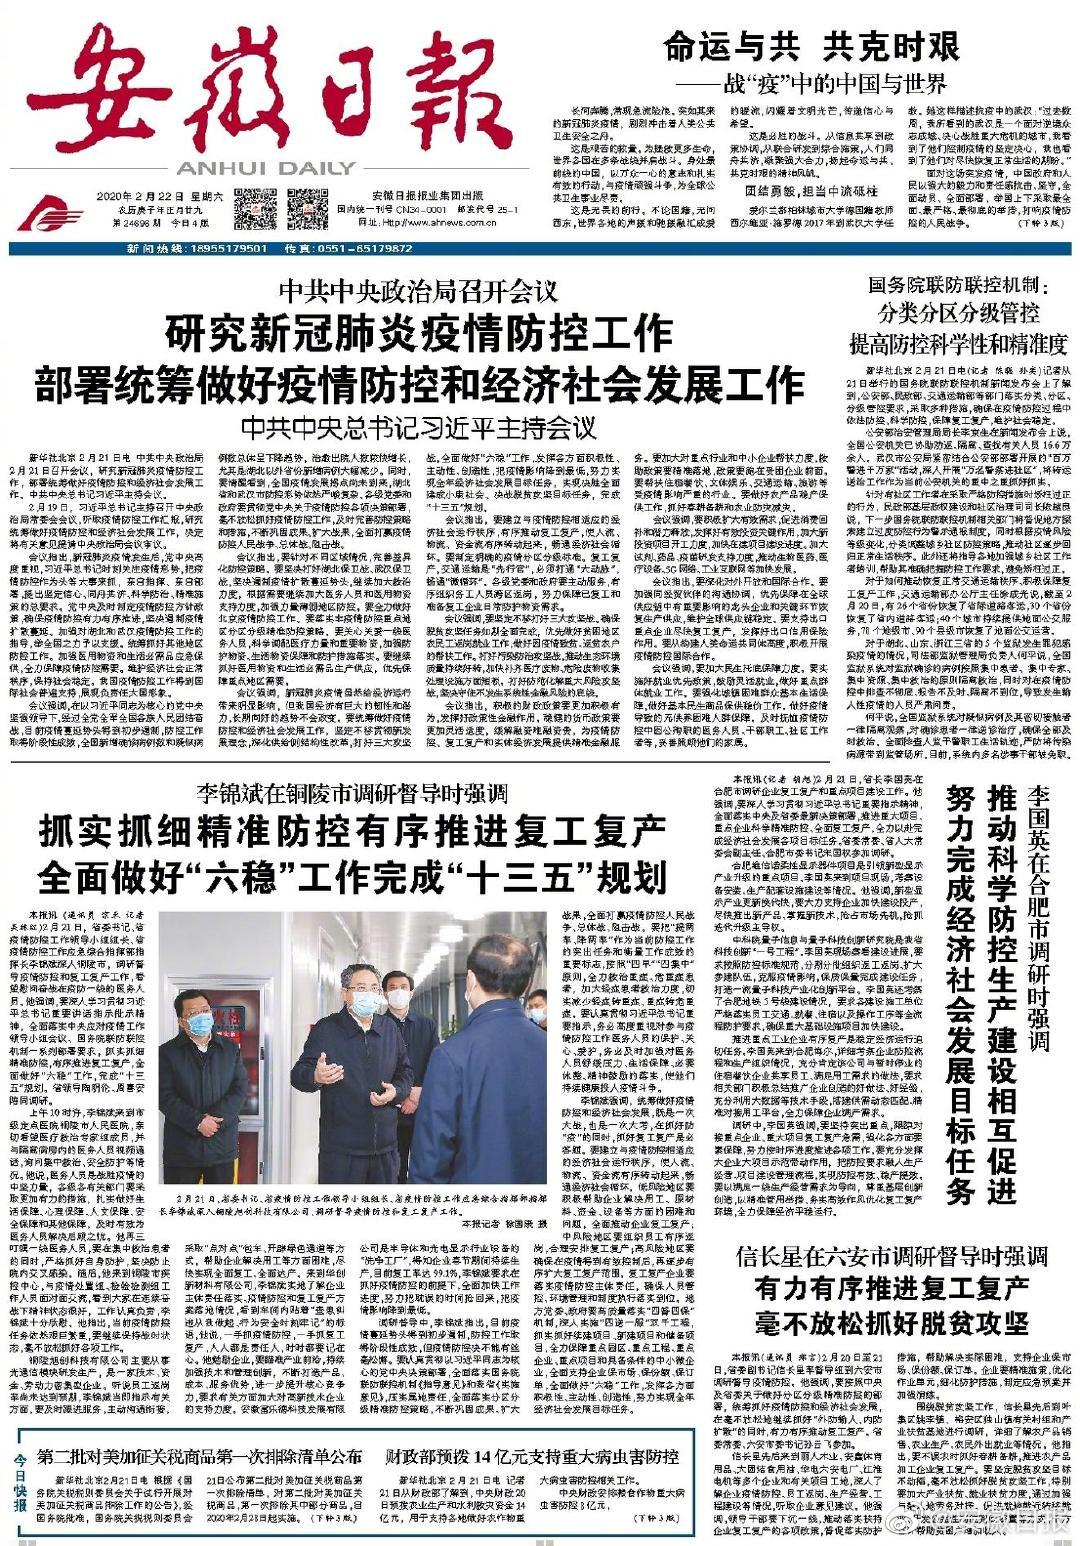 安徽日报今日看点